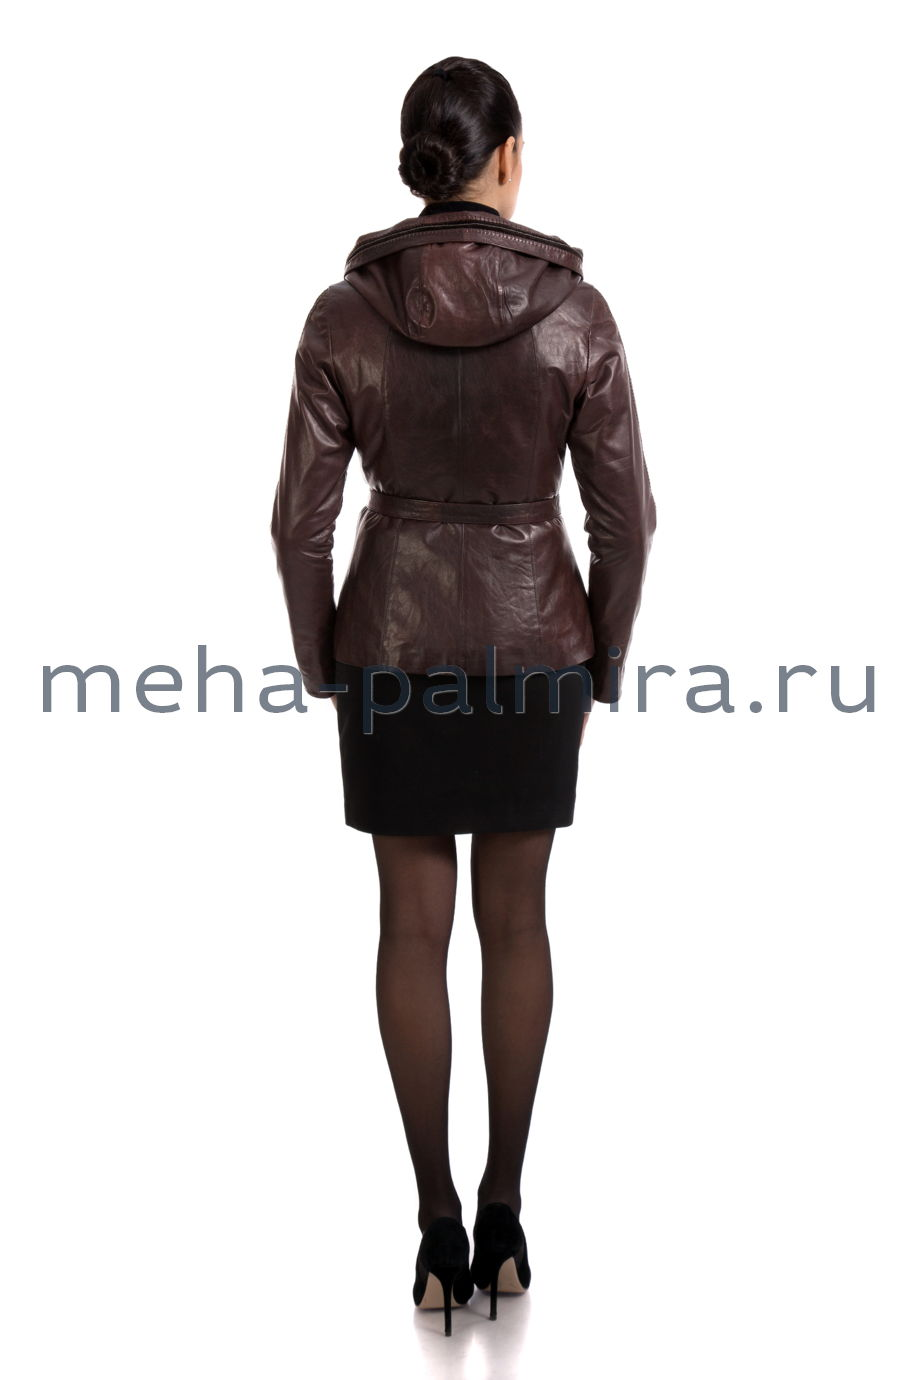 Кожаные куртки кредит